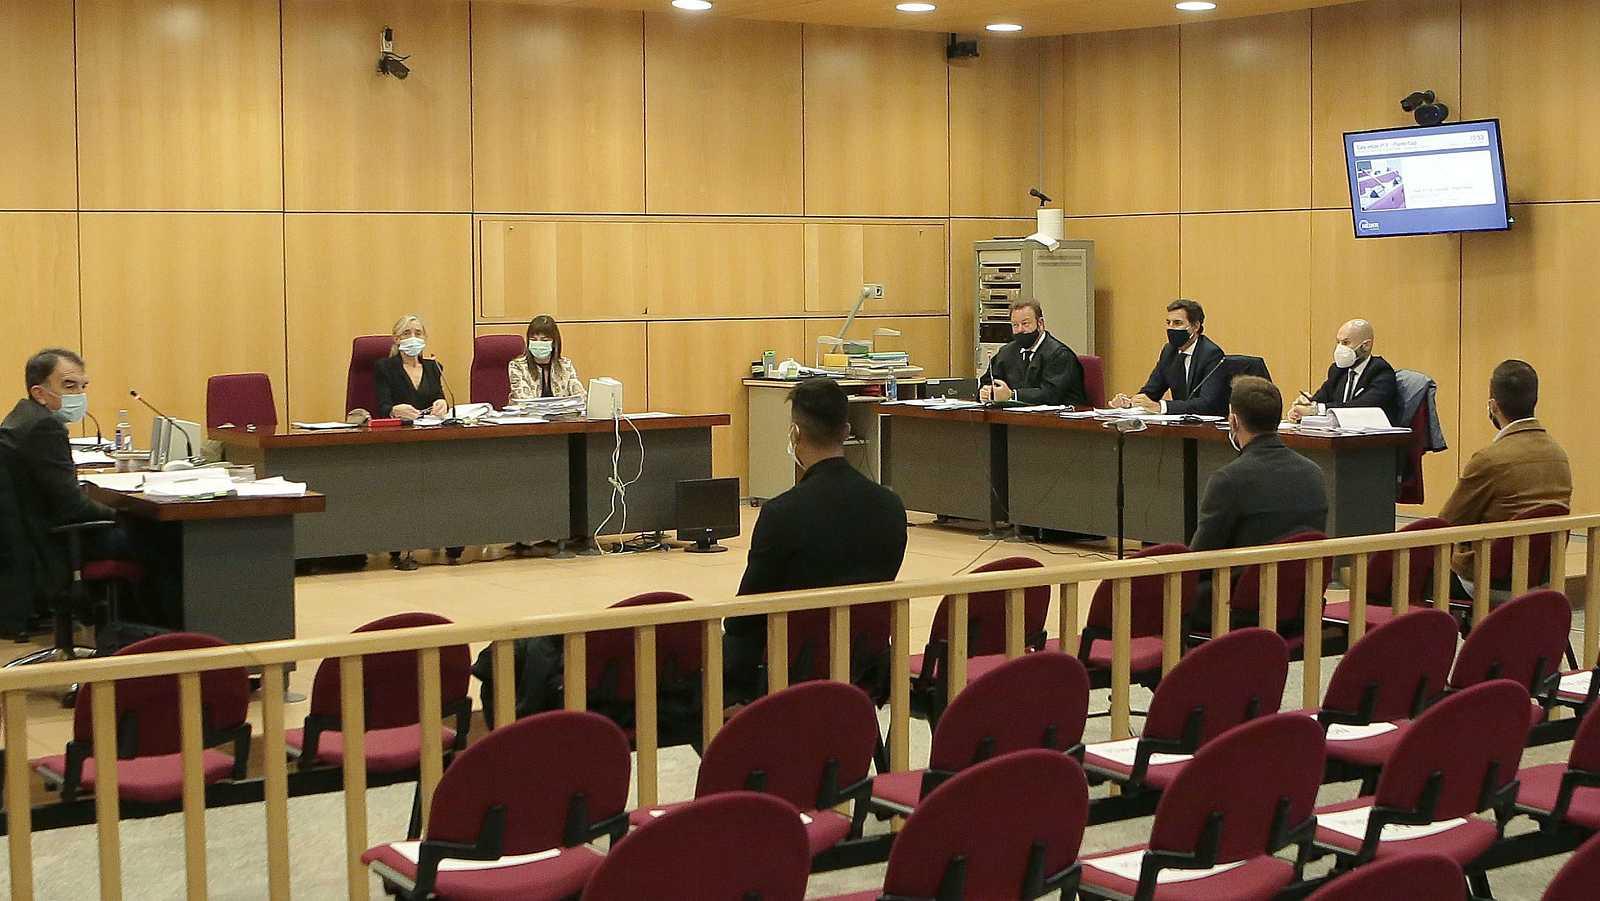 Comienza el juicio contra exjugadores del Eibar que difundieron un vídeo de contenido sexual